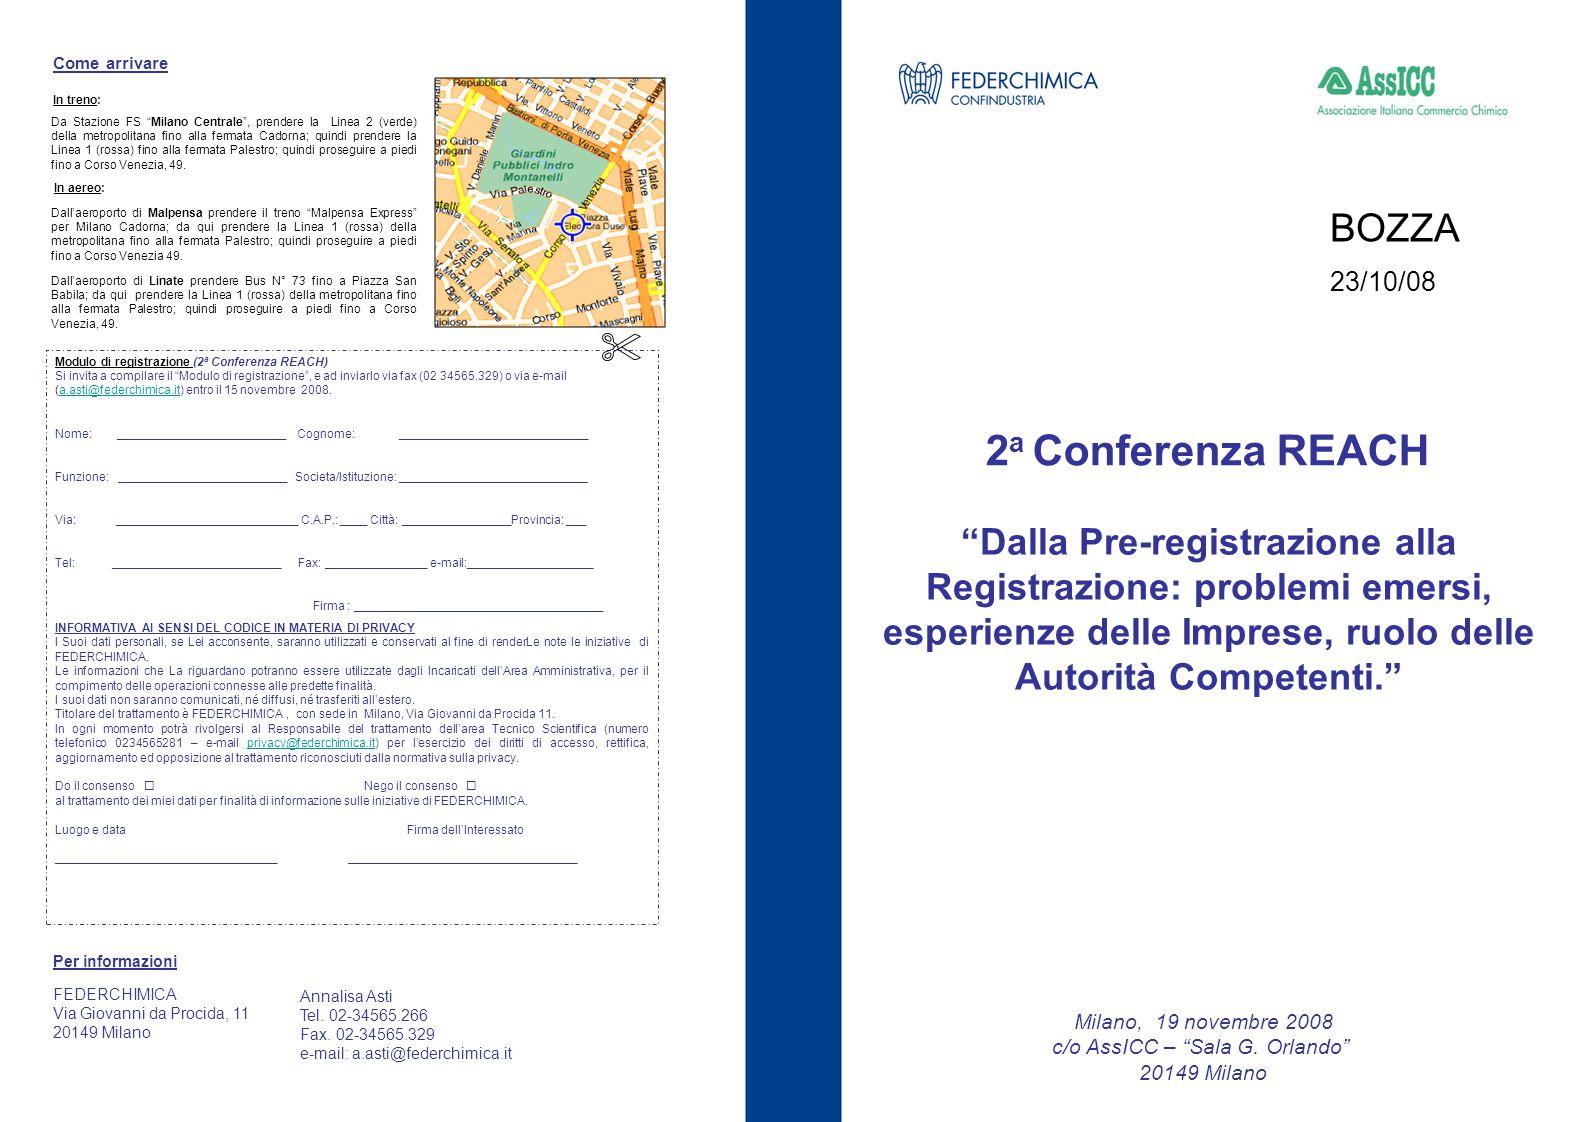 """2 a Conferenza REACH Milano, 19 novembre 2008 c/o AssICC – """"Sala G. Orlando"""" 20149 Milano Come arrivare Per informazioni FEDERCHIMICA Via Giovanni da"""